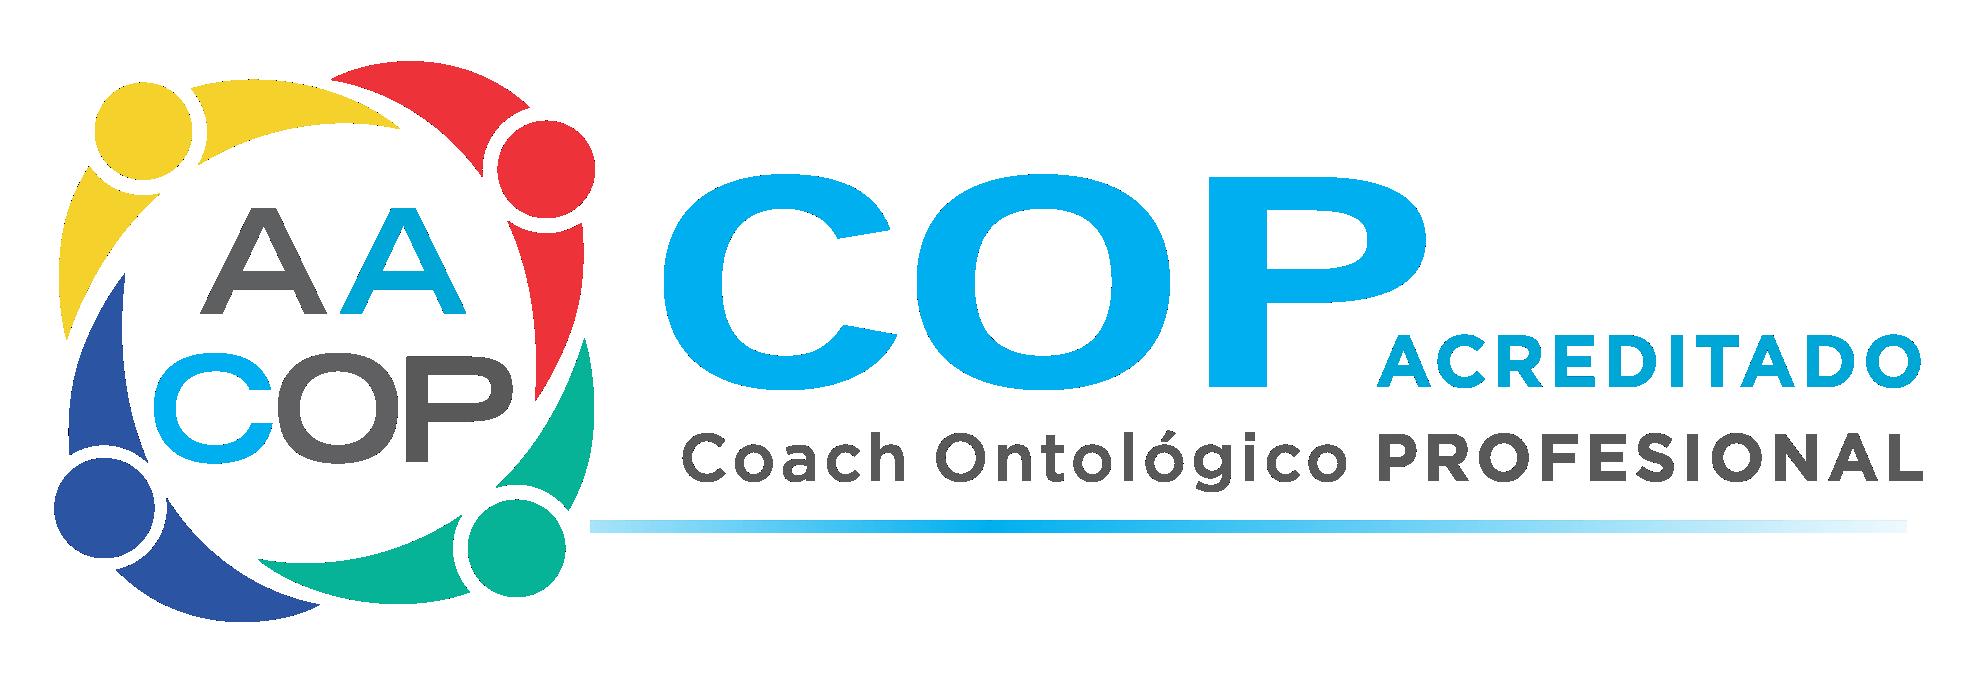 insignia de certificacion: coach ontológico avalado